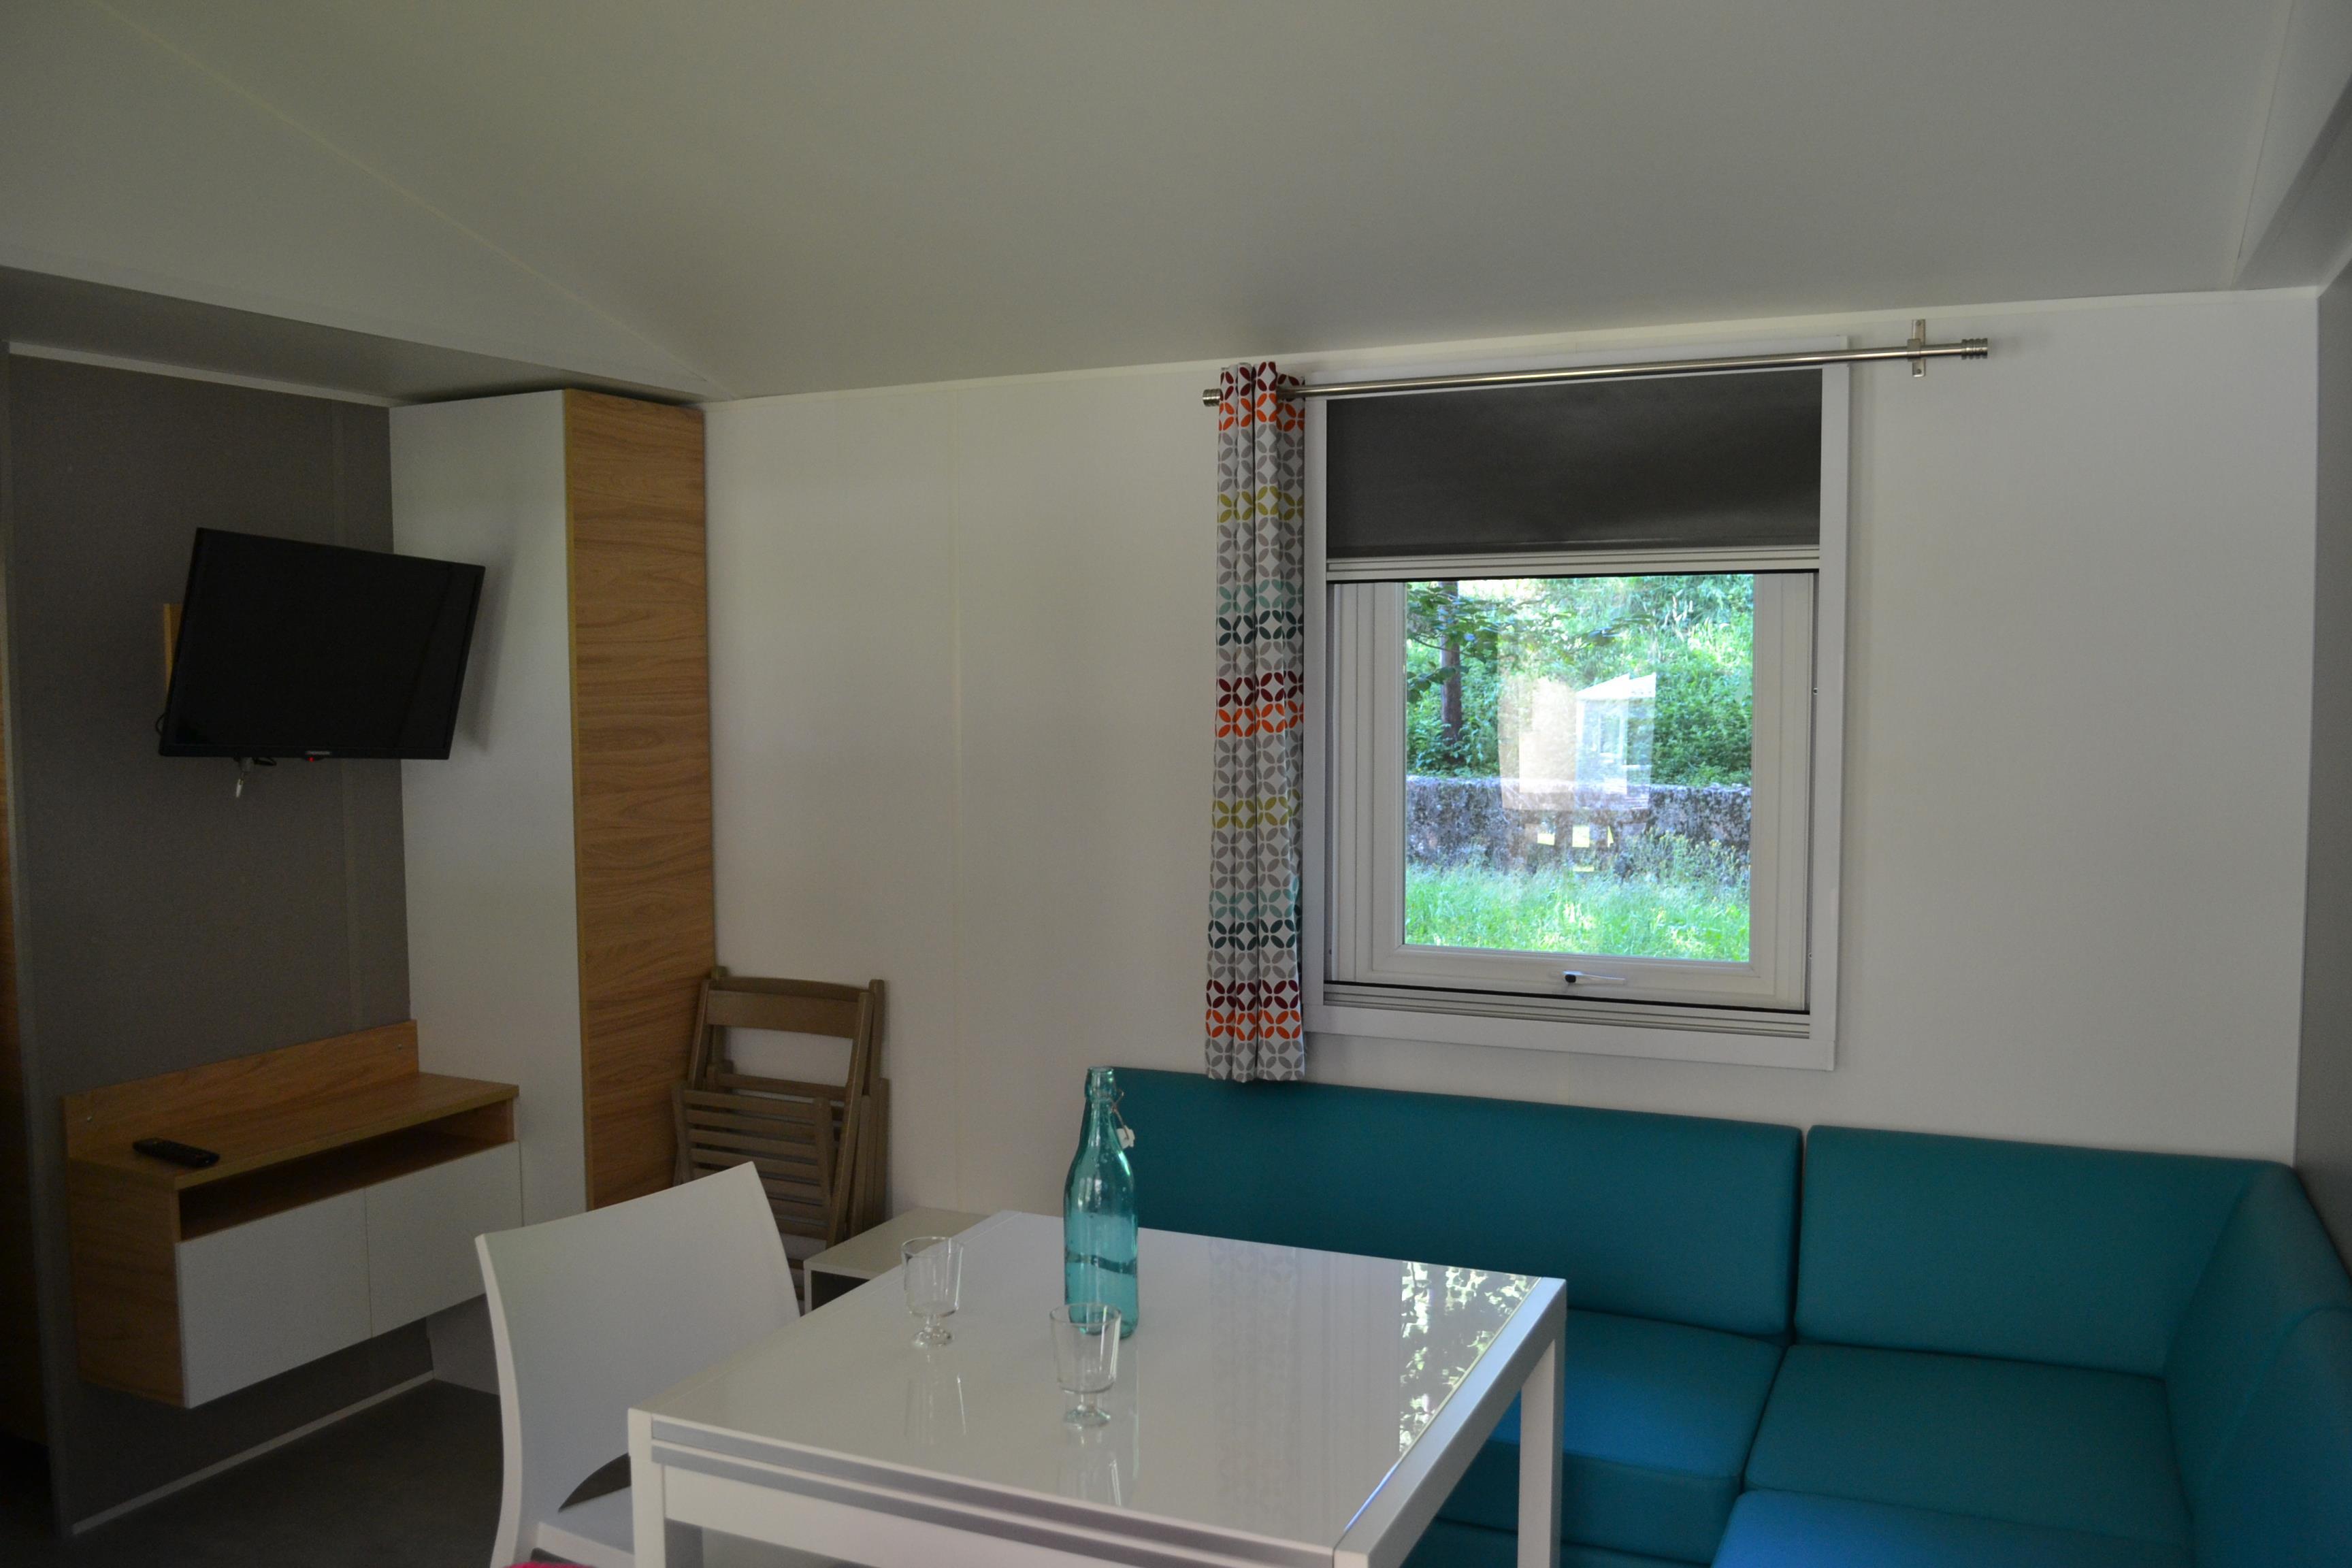 Location - Mobil Home Premium 42M² (3 Chambres - 2 Salles D'eau) - Camping Le Malazéou